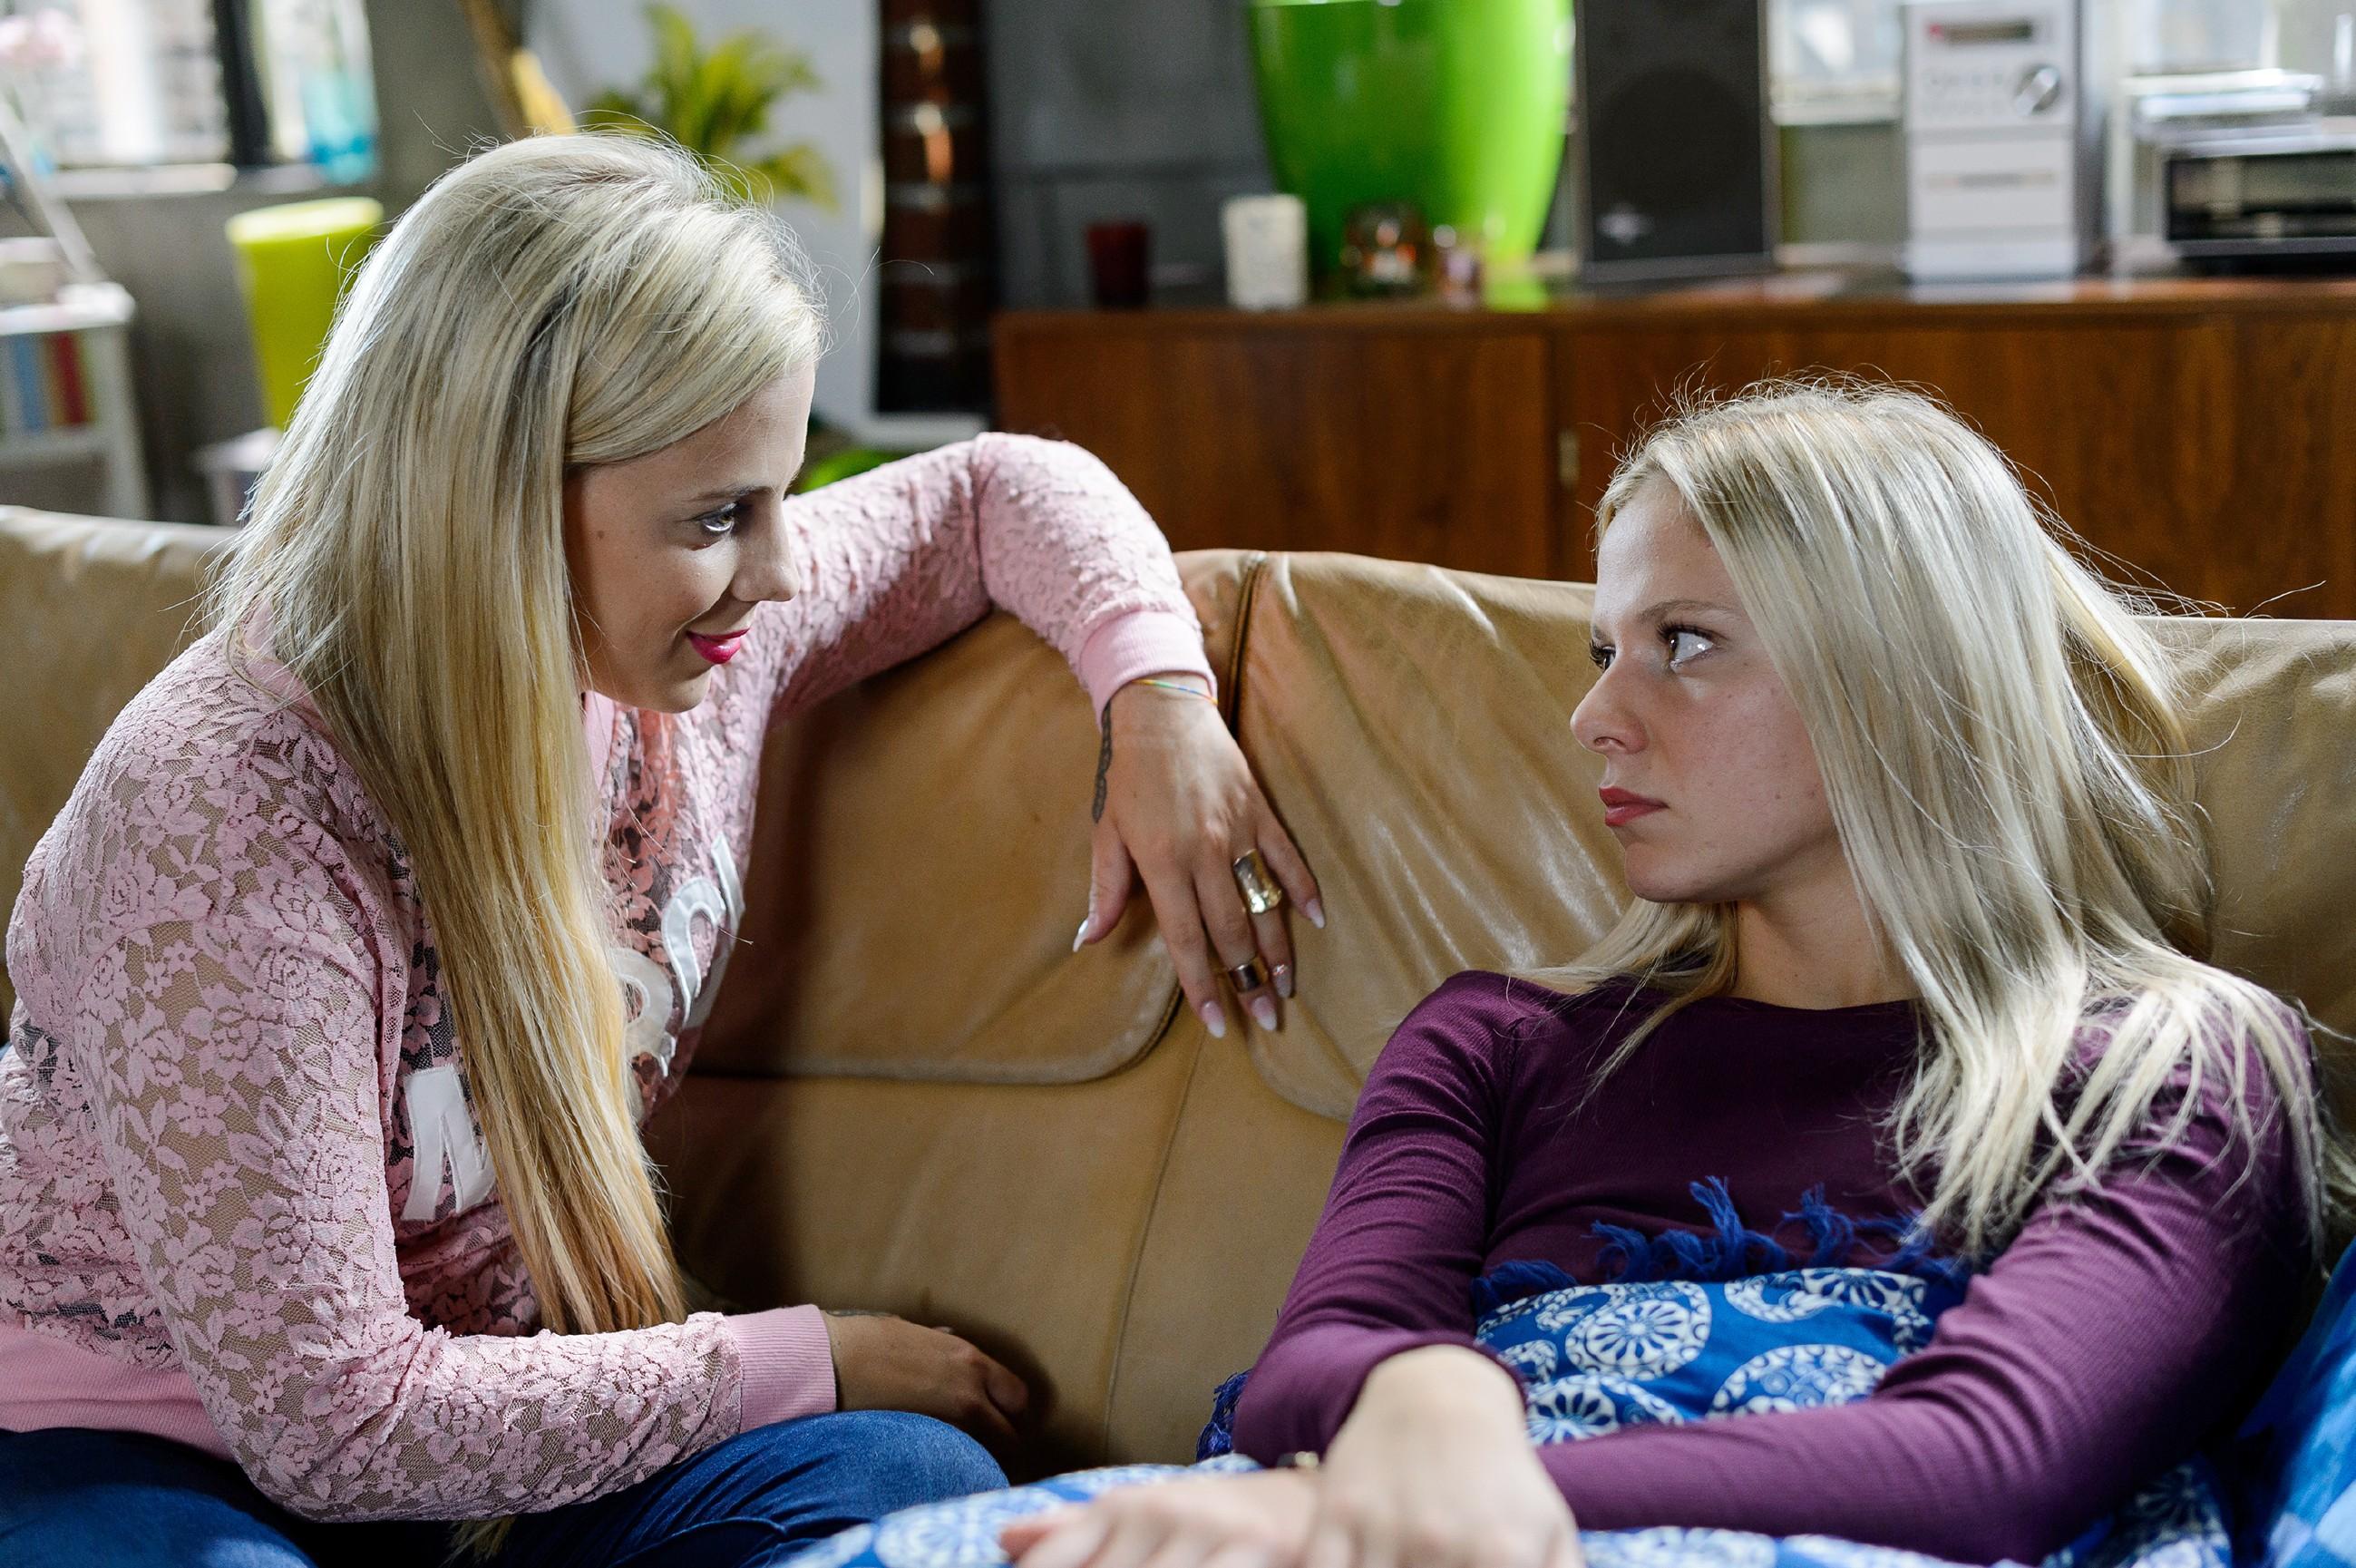 Iva (Christina Klein, l.) ist entschlossen, Marie (Cheyenne Pahde) aus ihrer düsteren Stimmung zu reißen. (Quelle: RTL / Willi Weber)